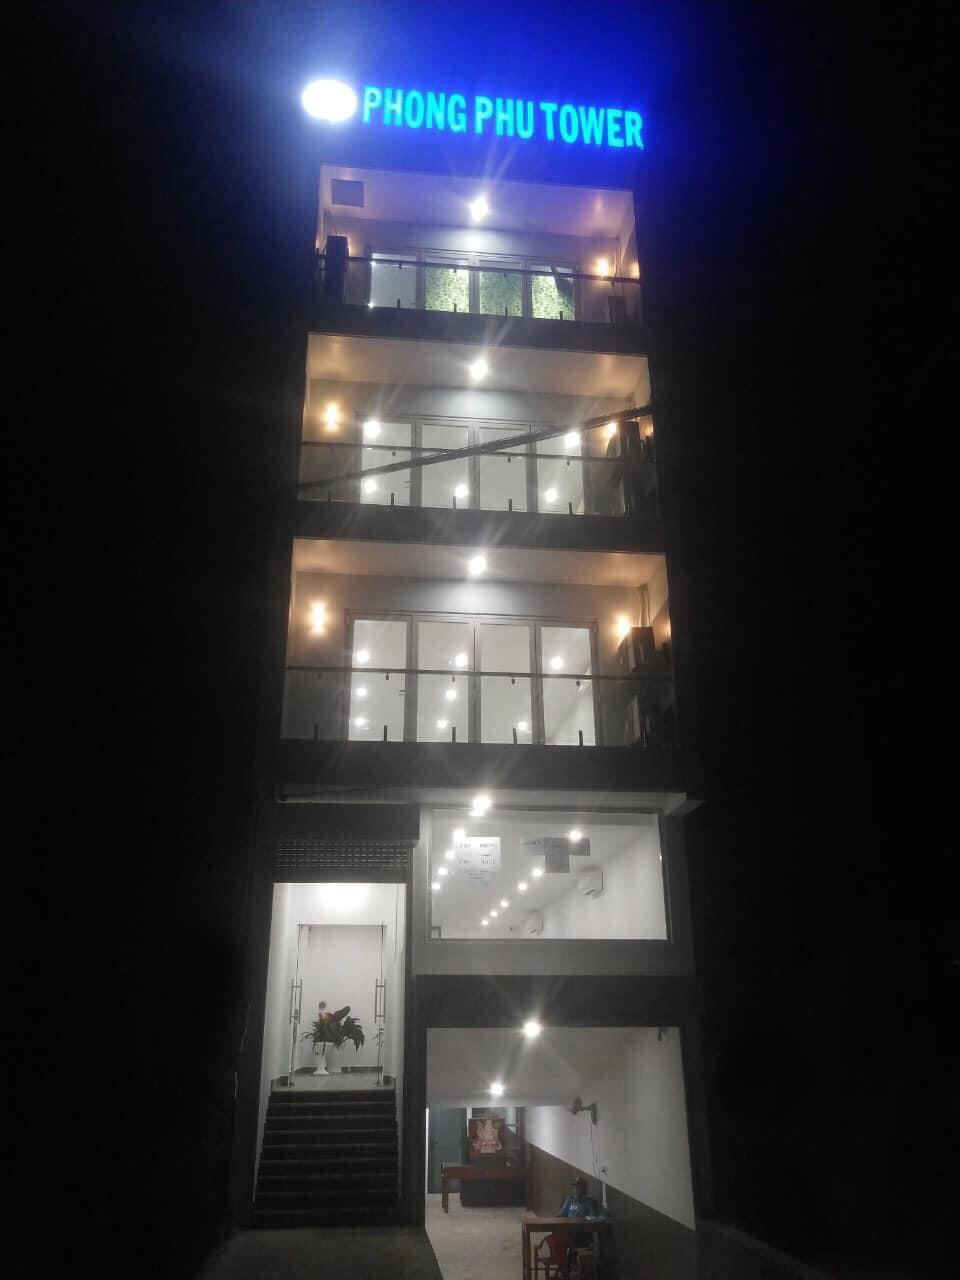 Tòa nhà Phong Phú Tower trụ sở Công Ty Cổ phần Logistics Phong Phú Vi Na